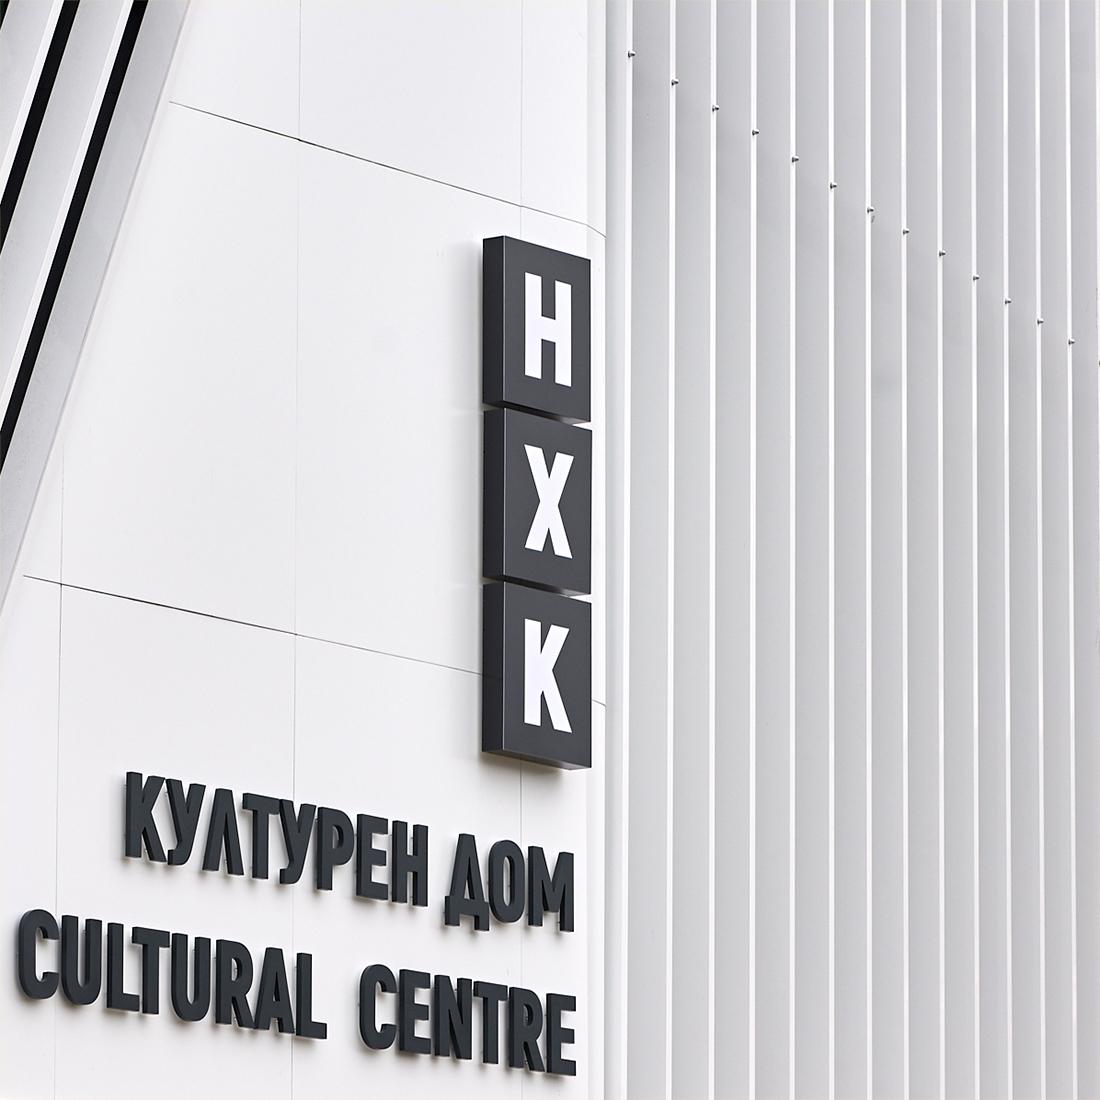 HXK Cultural Center